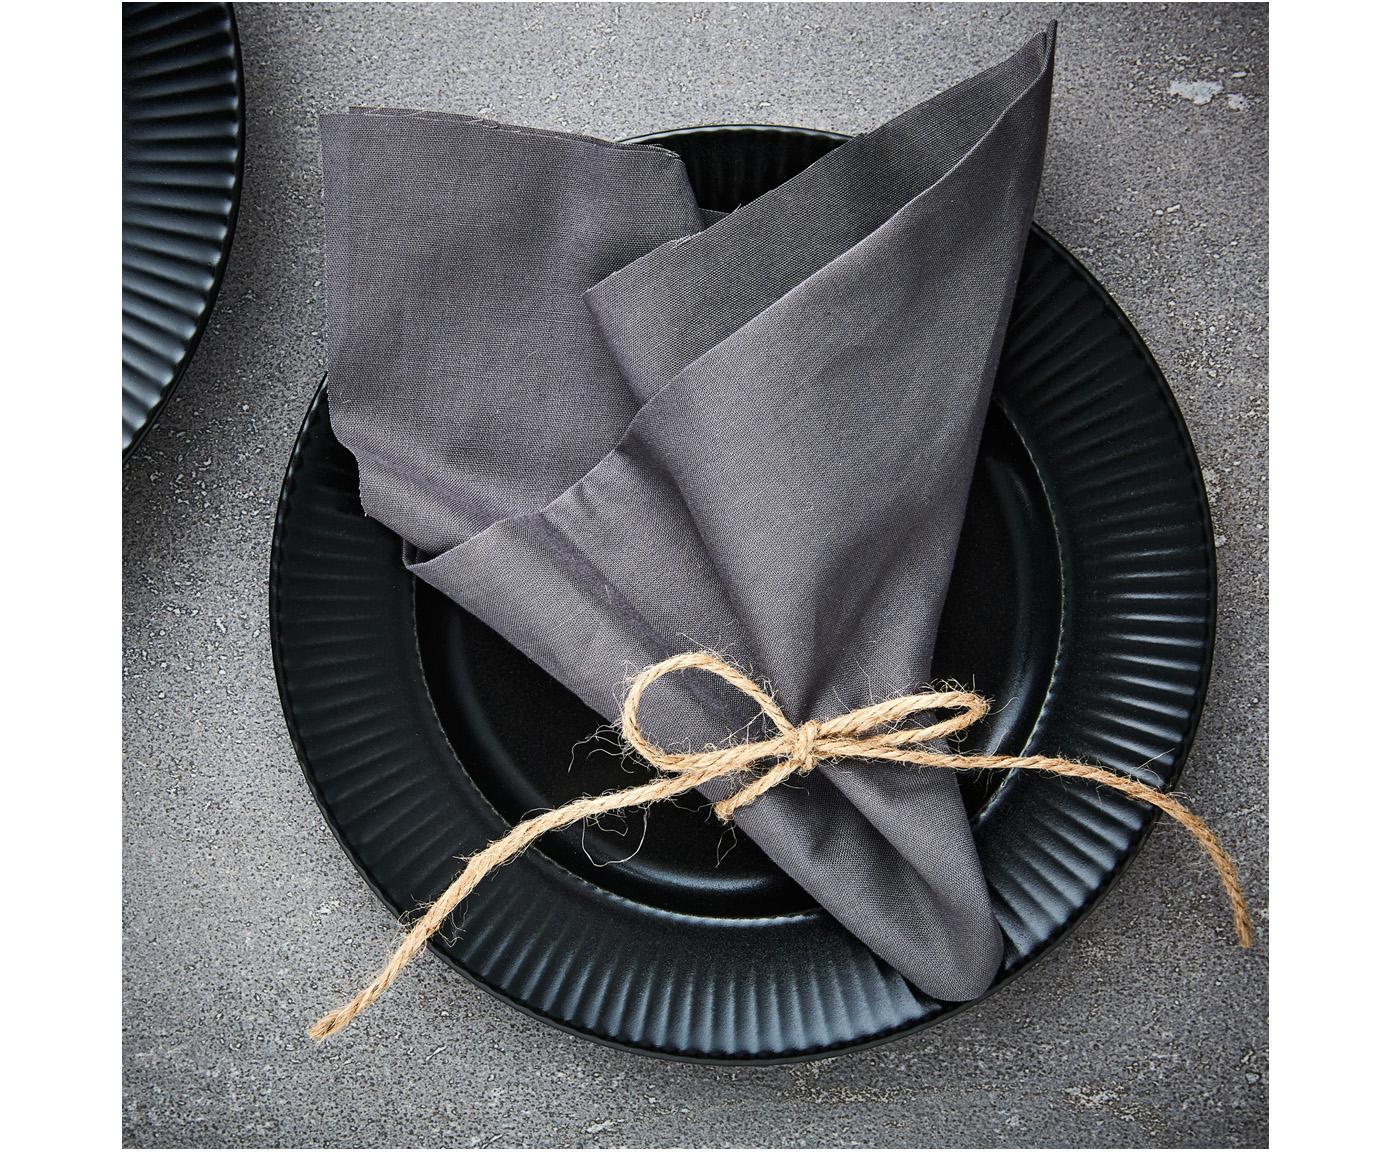 Schwarze Speiseteller Groove mit Rillenstruktur, 4 Stück, Steingut, Schwarz, Ø 27 x H 1 cm